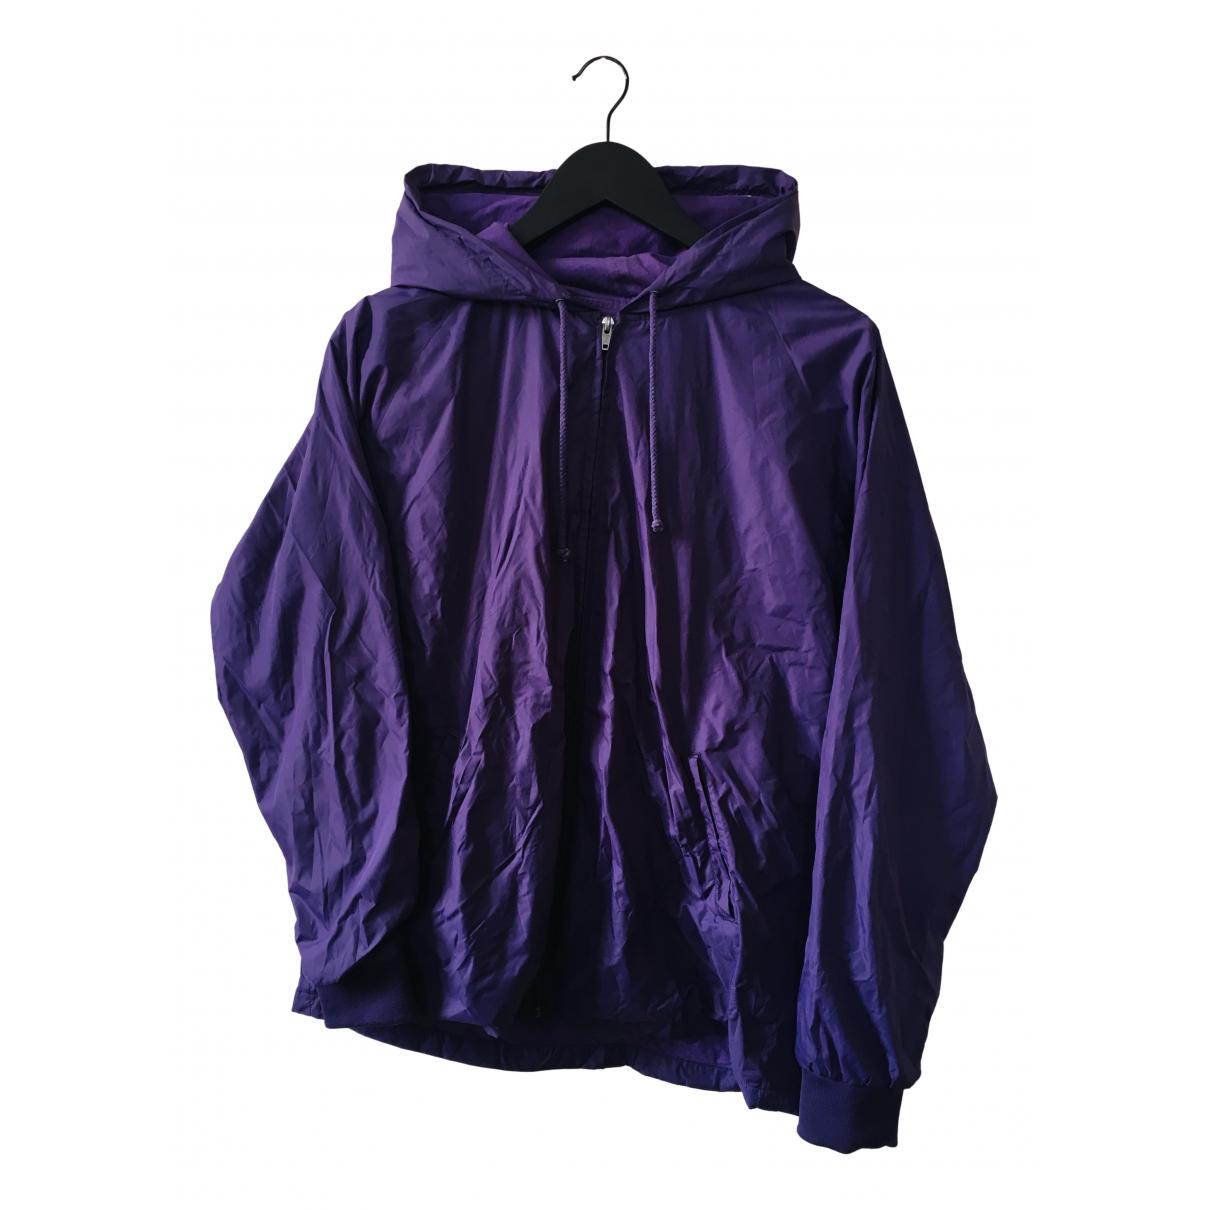 Supreme - Vestes.Blousons   pour homme - violet